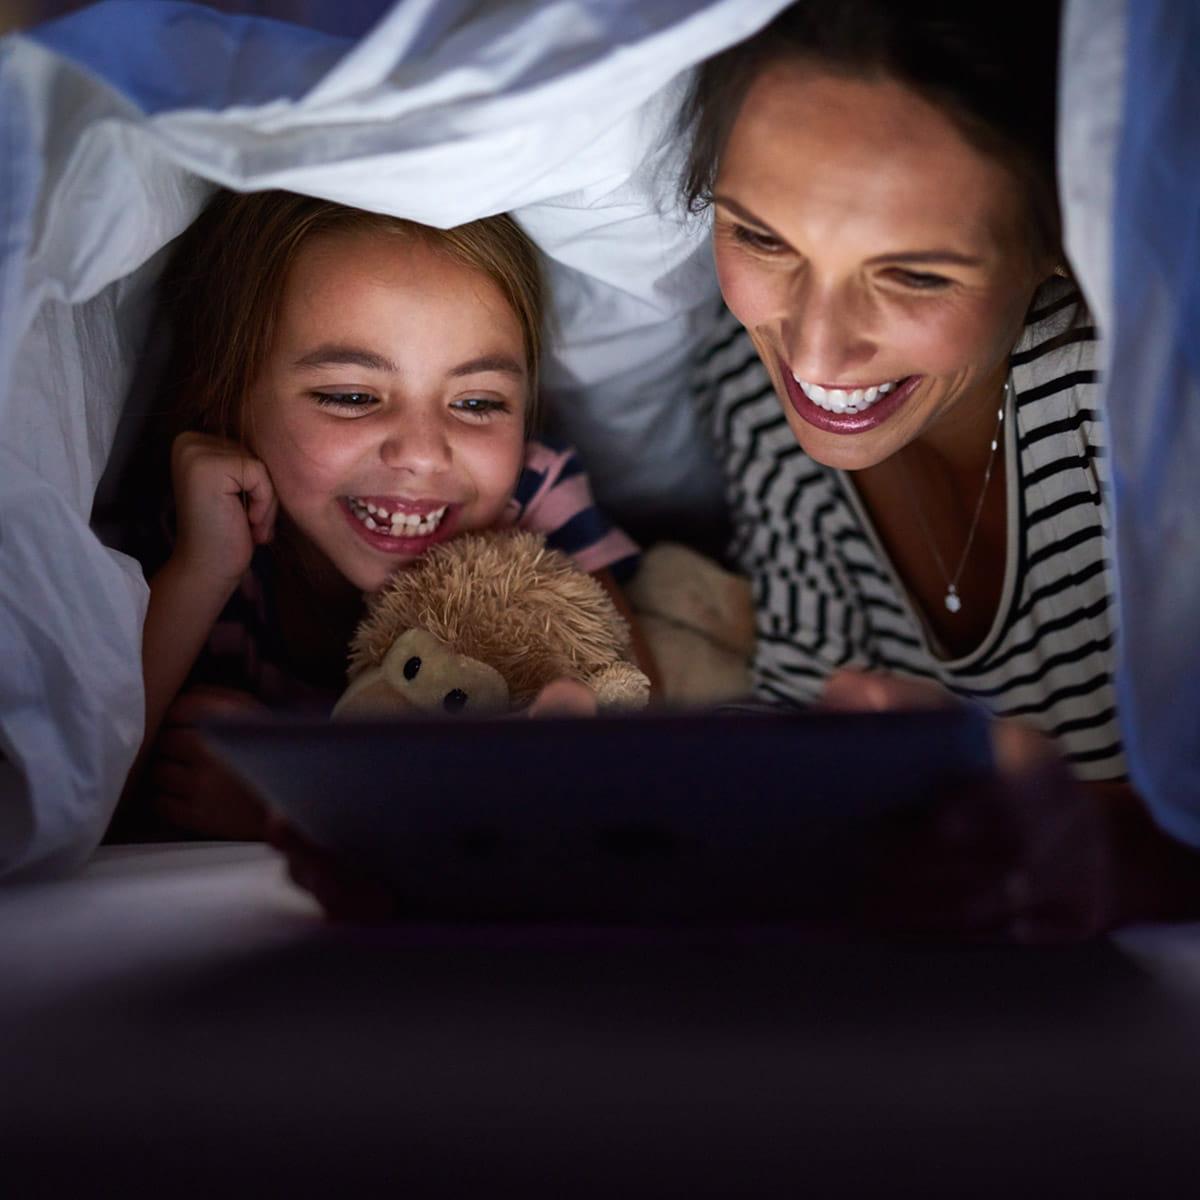 ergo produkte verst ndlich leistungsstark schneller. Black Bedroom Furniture Sets. Home Design Ideas